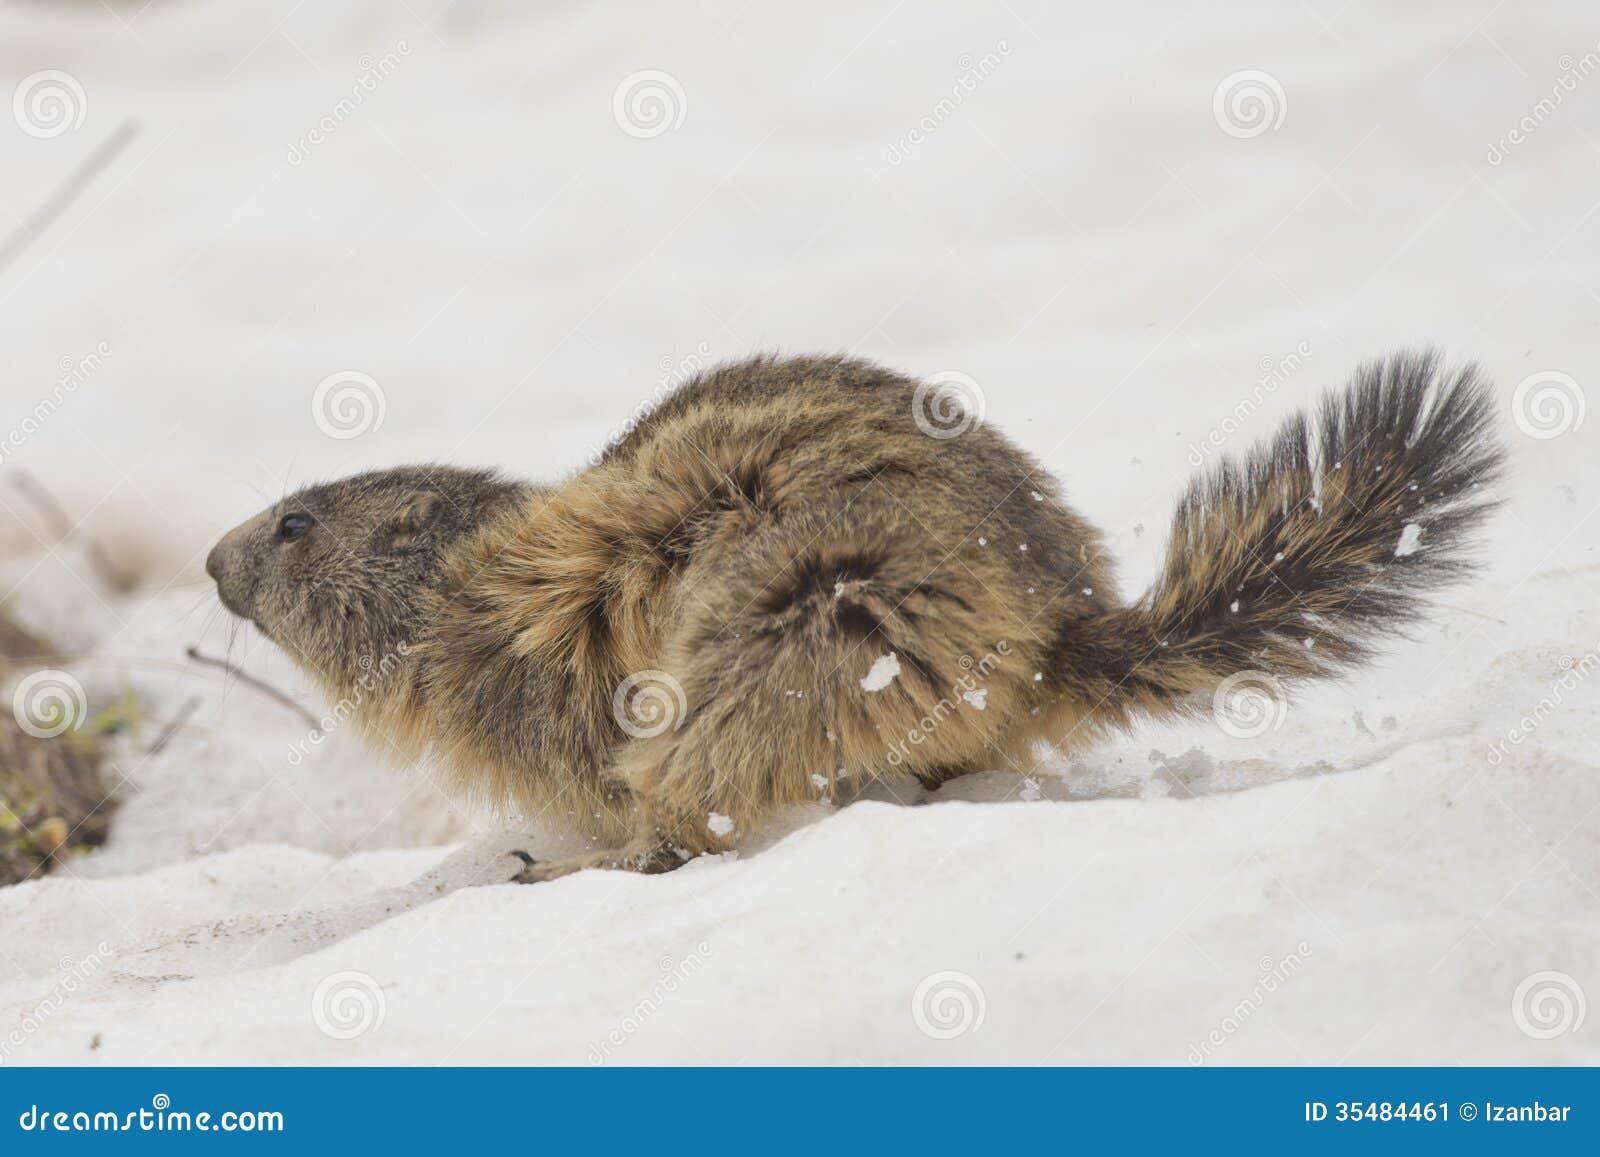 hoary marmot snow